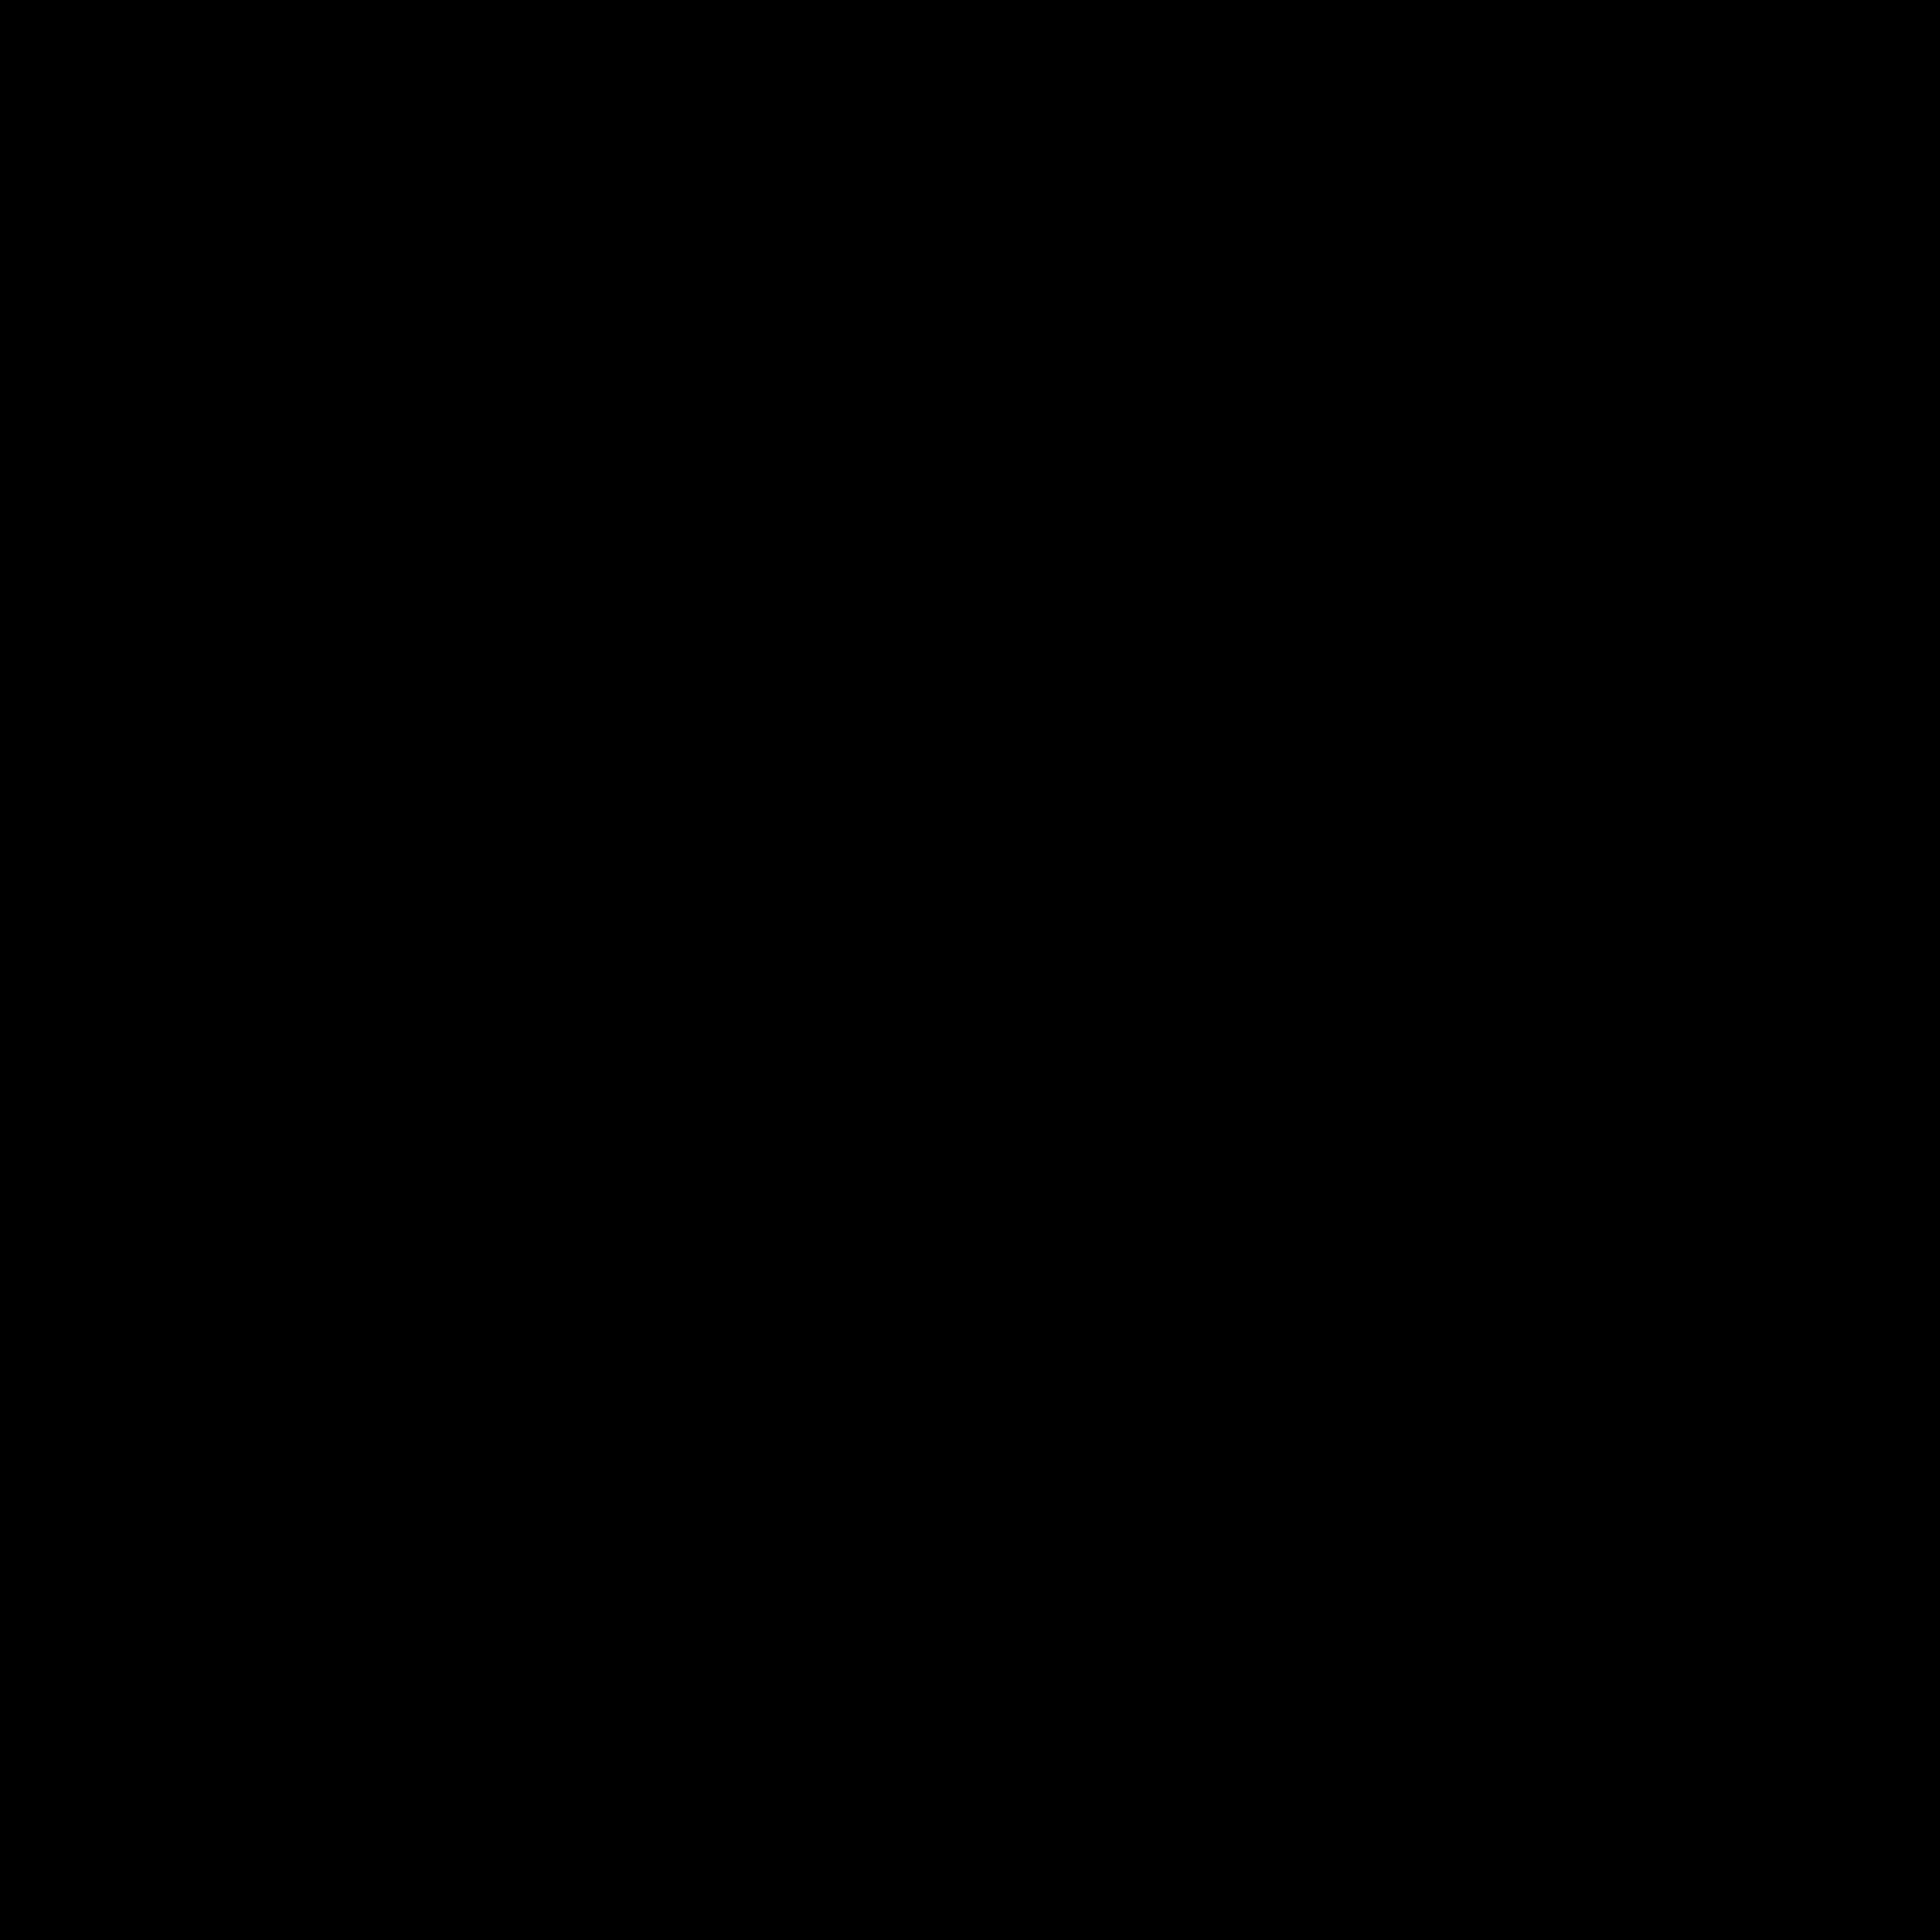 tampax-logo-png-transparent (1).png